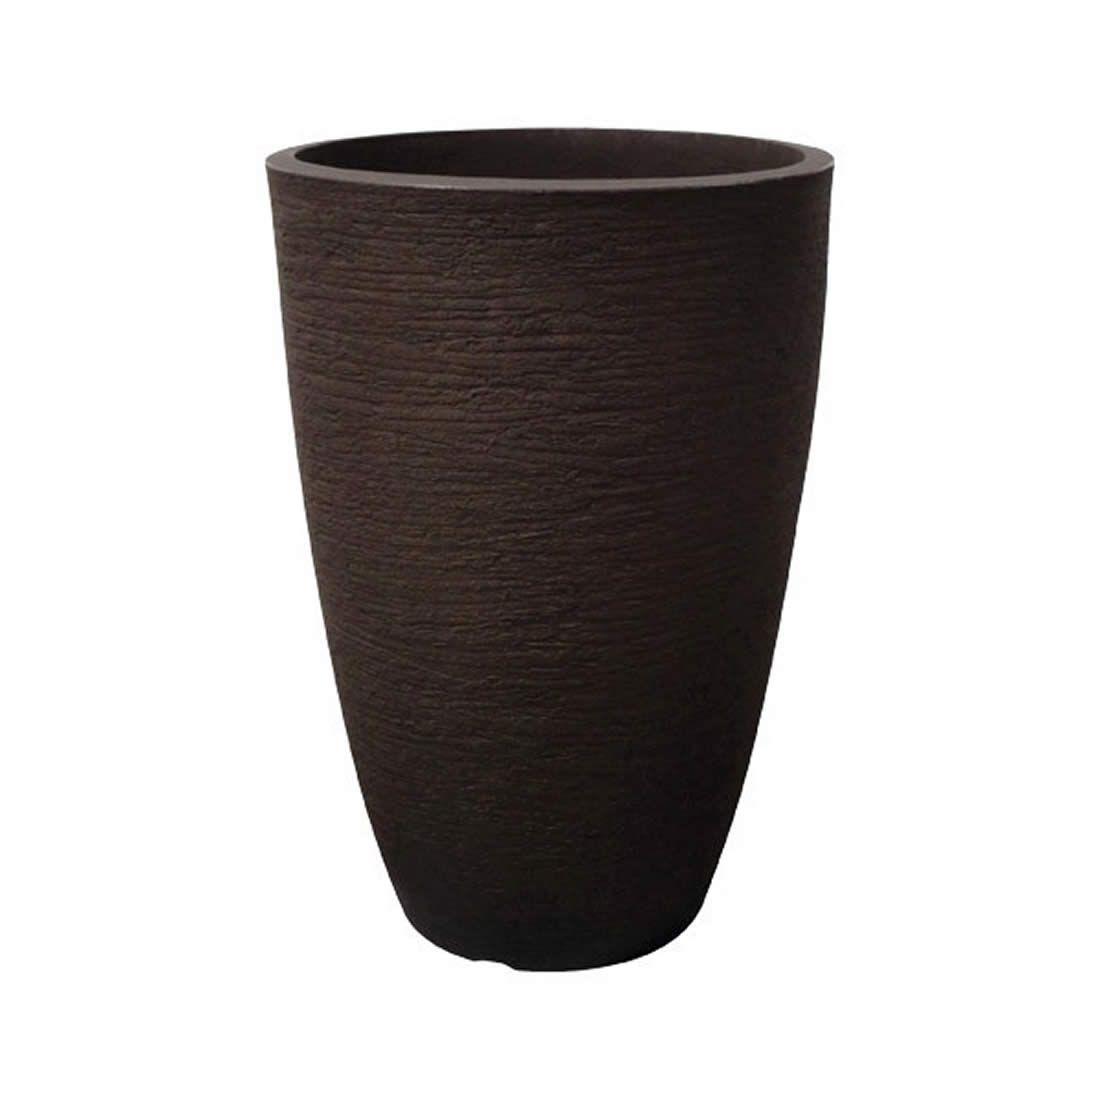 Vaso Para Planta Cônico Moderno 53 Café - Japi